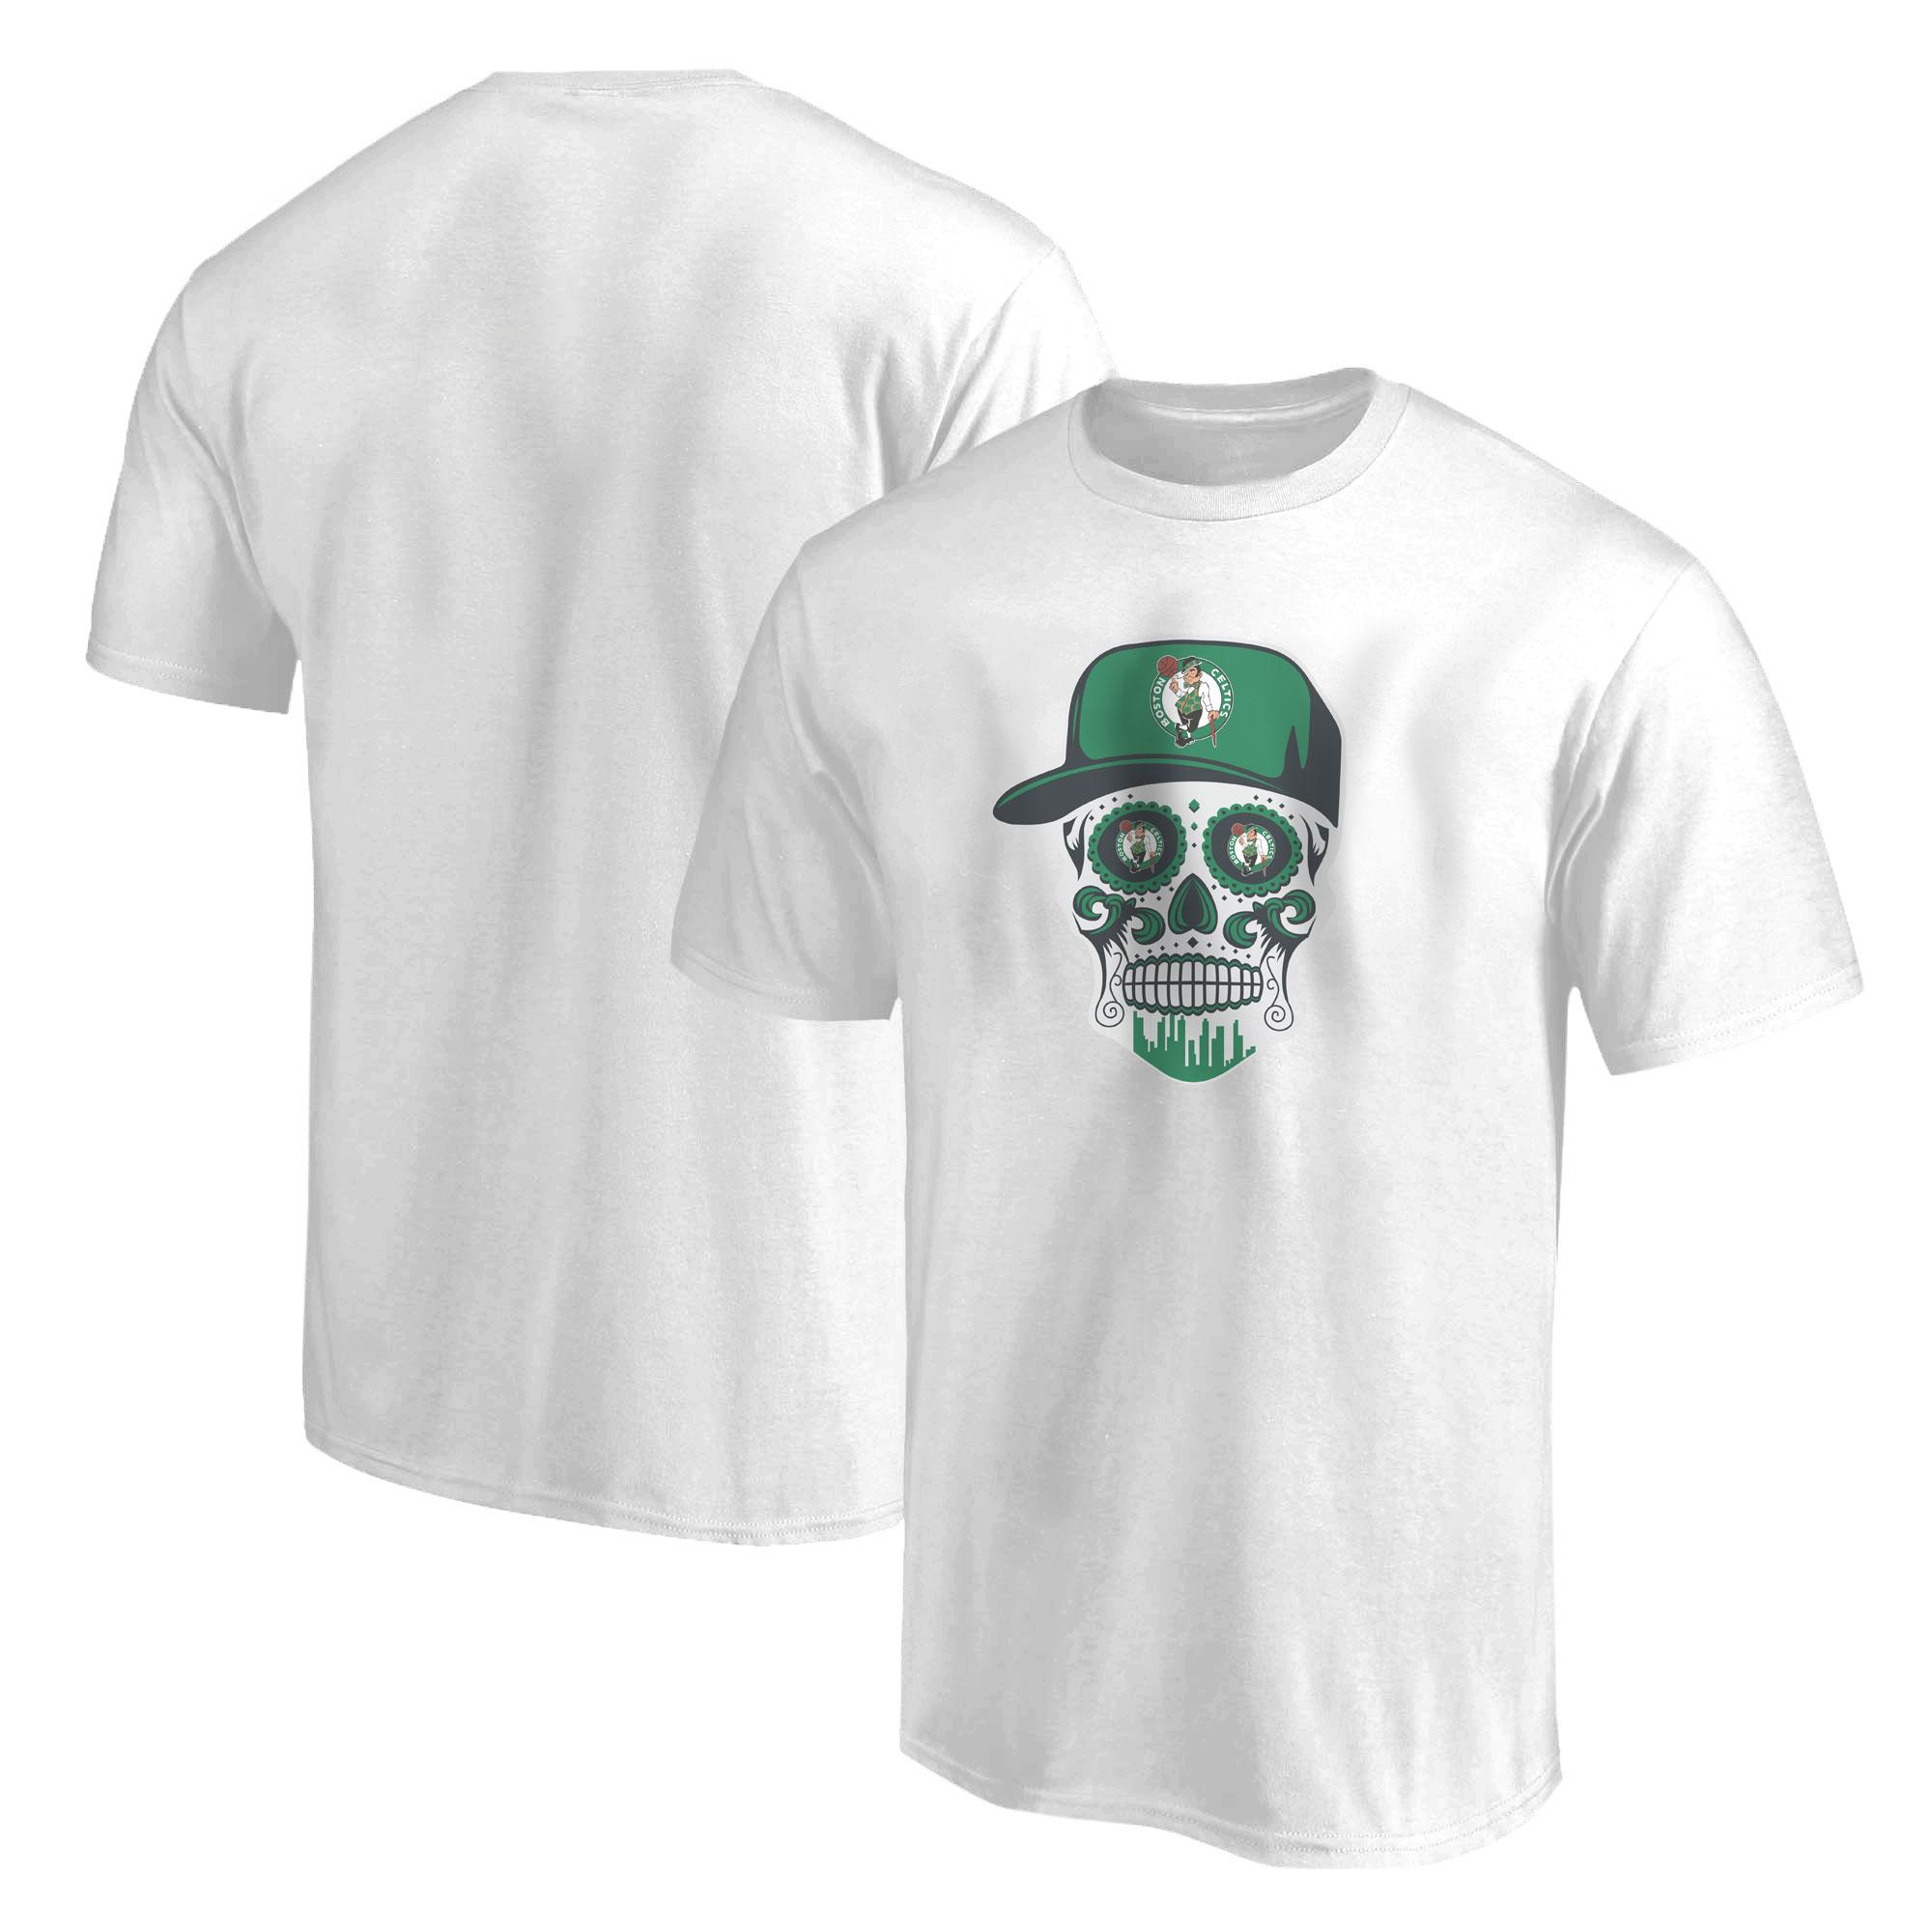 Celtics Skull Tshirt  (TSH-BLC-NP-448-NBA-BSTN-SKULL)